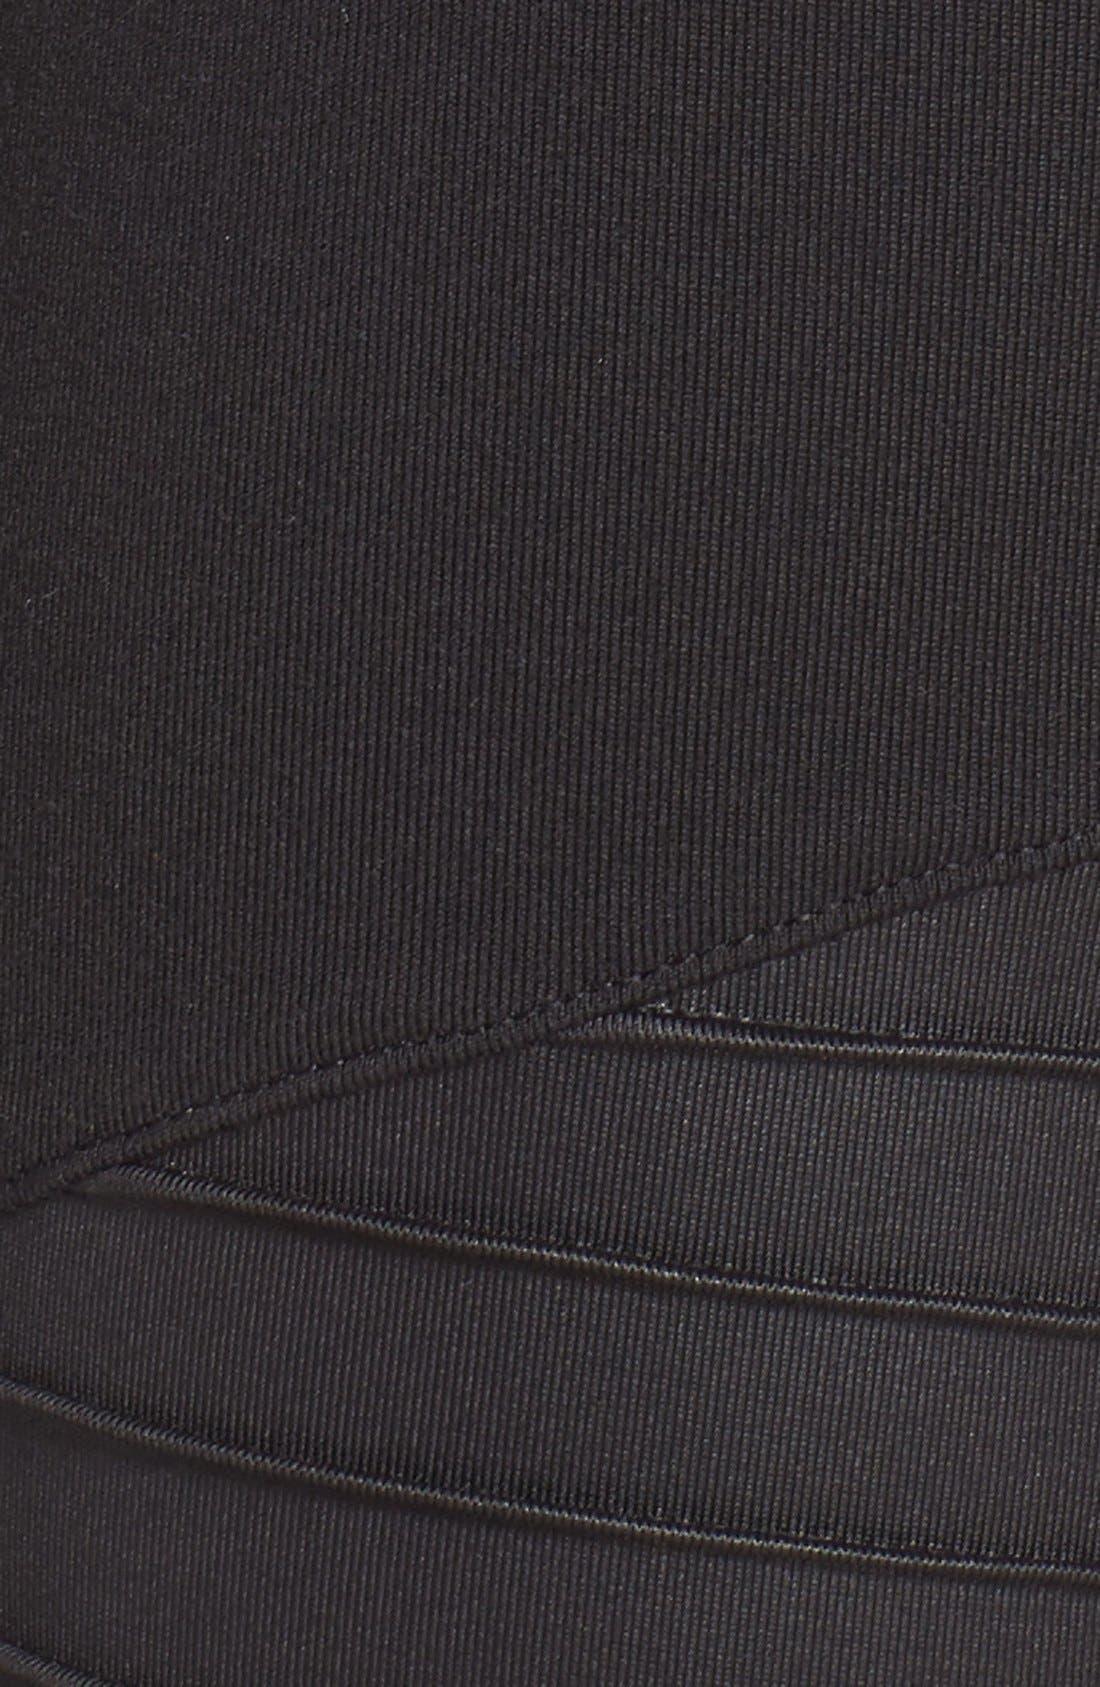 High Waist Moto Leggings,                             Alternate thumbnail 6, color,                             Black/ Black Glossy